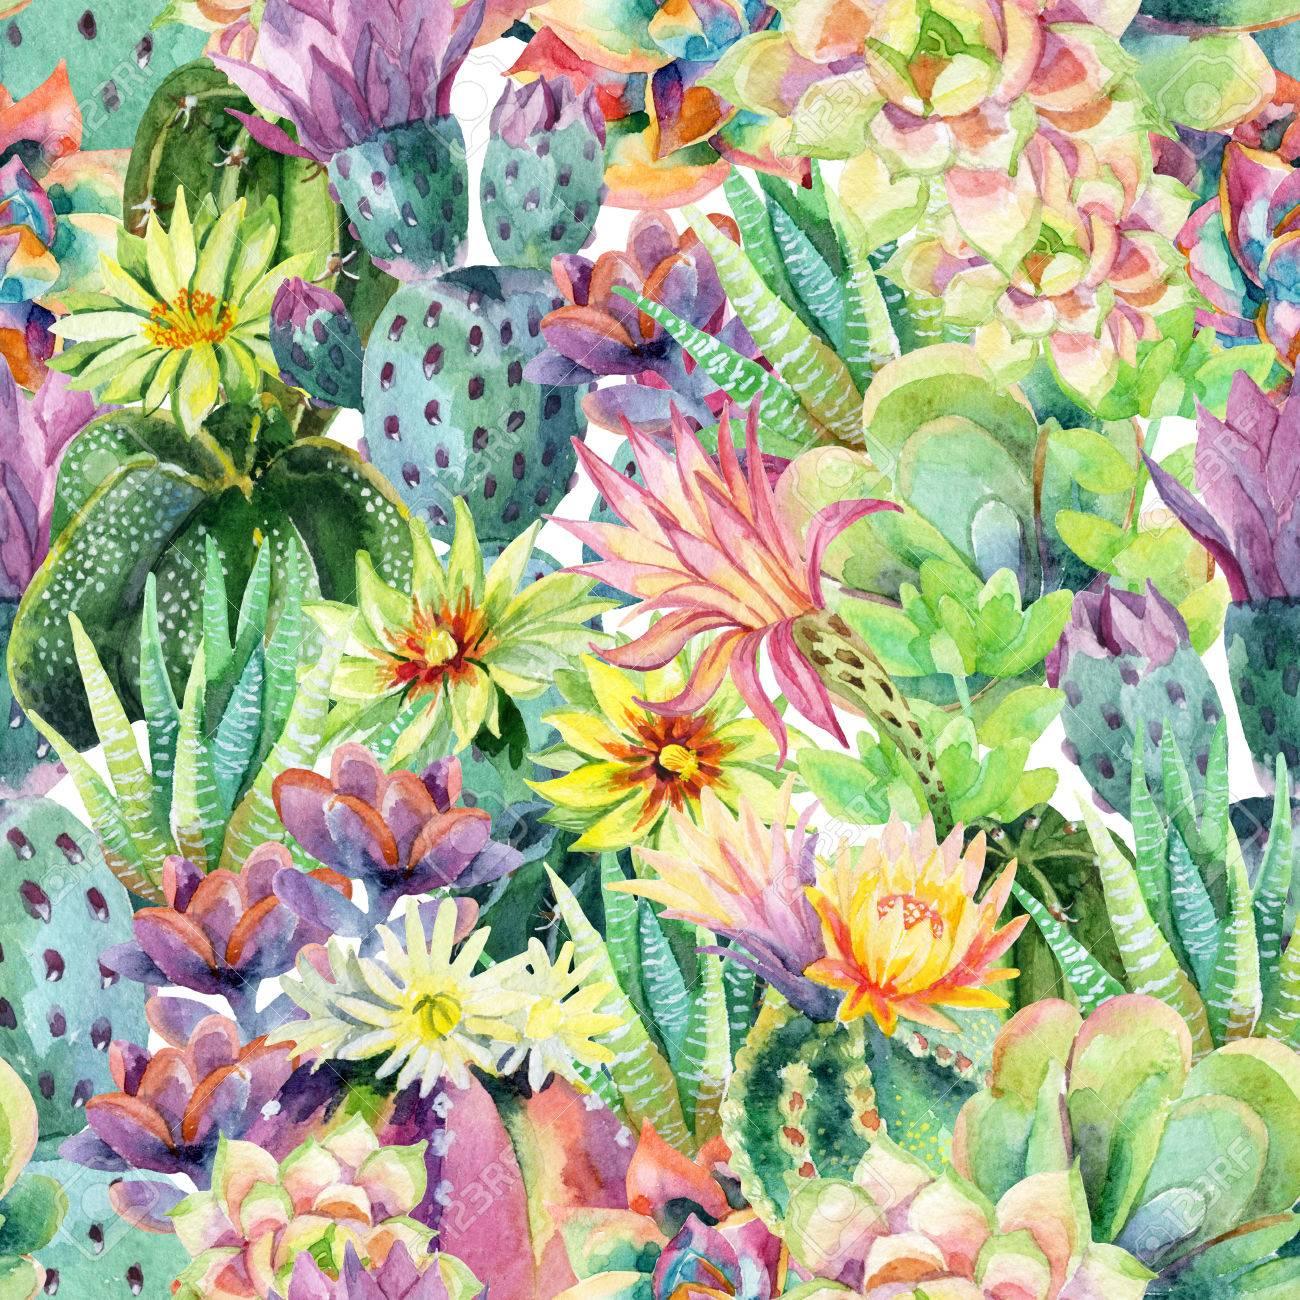 Aquarelle Floraison Fond De Cactus Cactus Exotiques Avec Des Fleurs